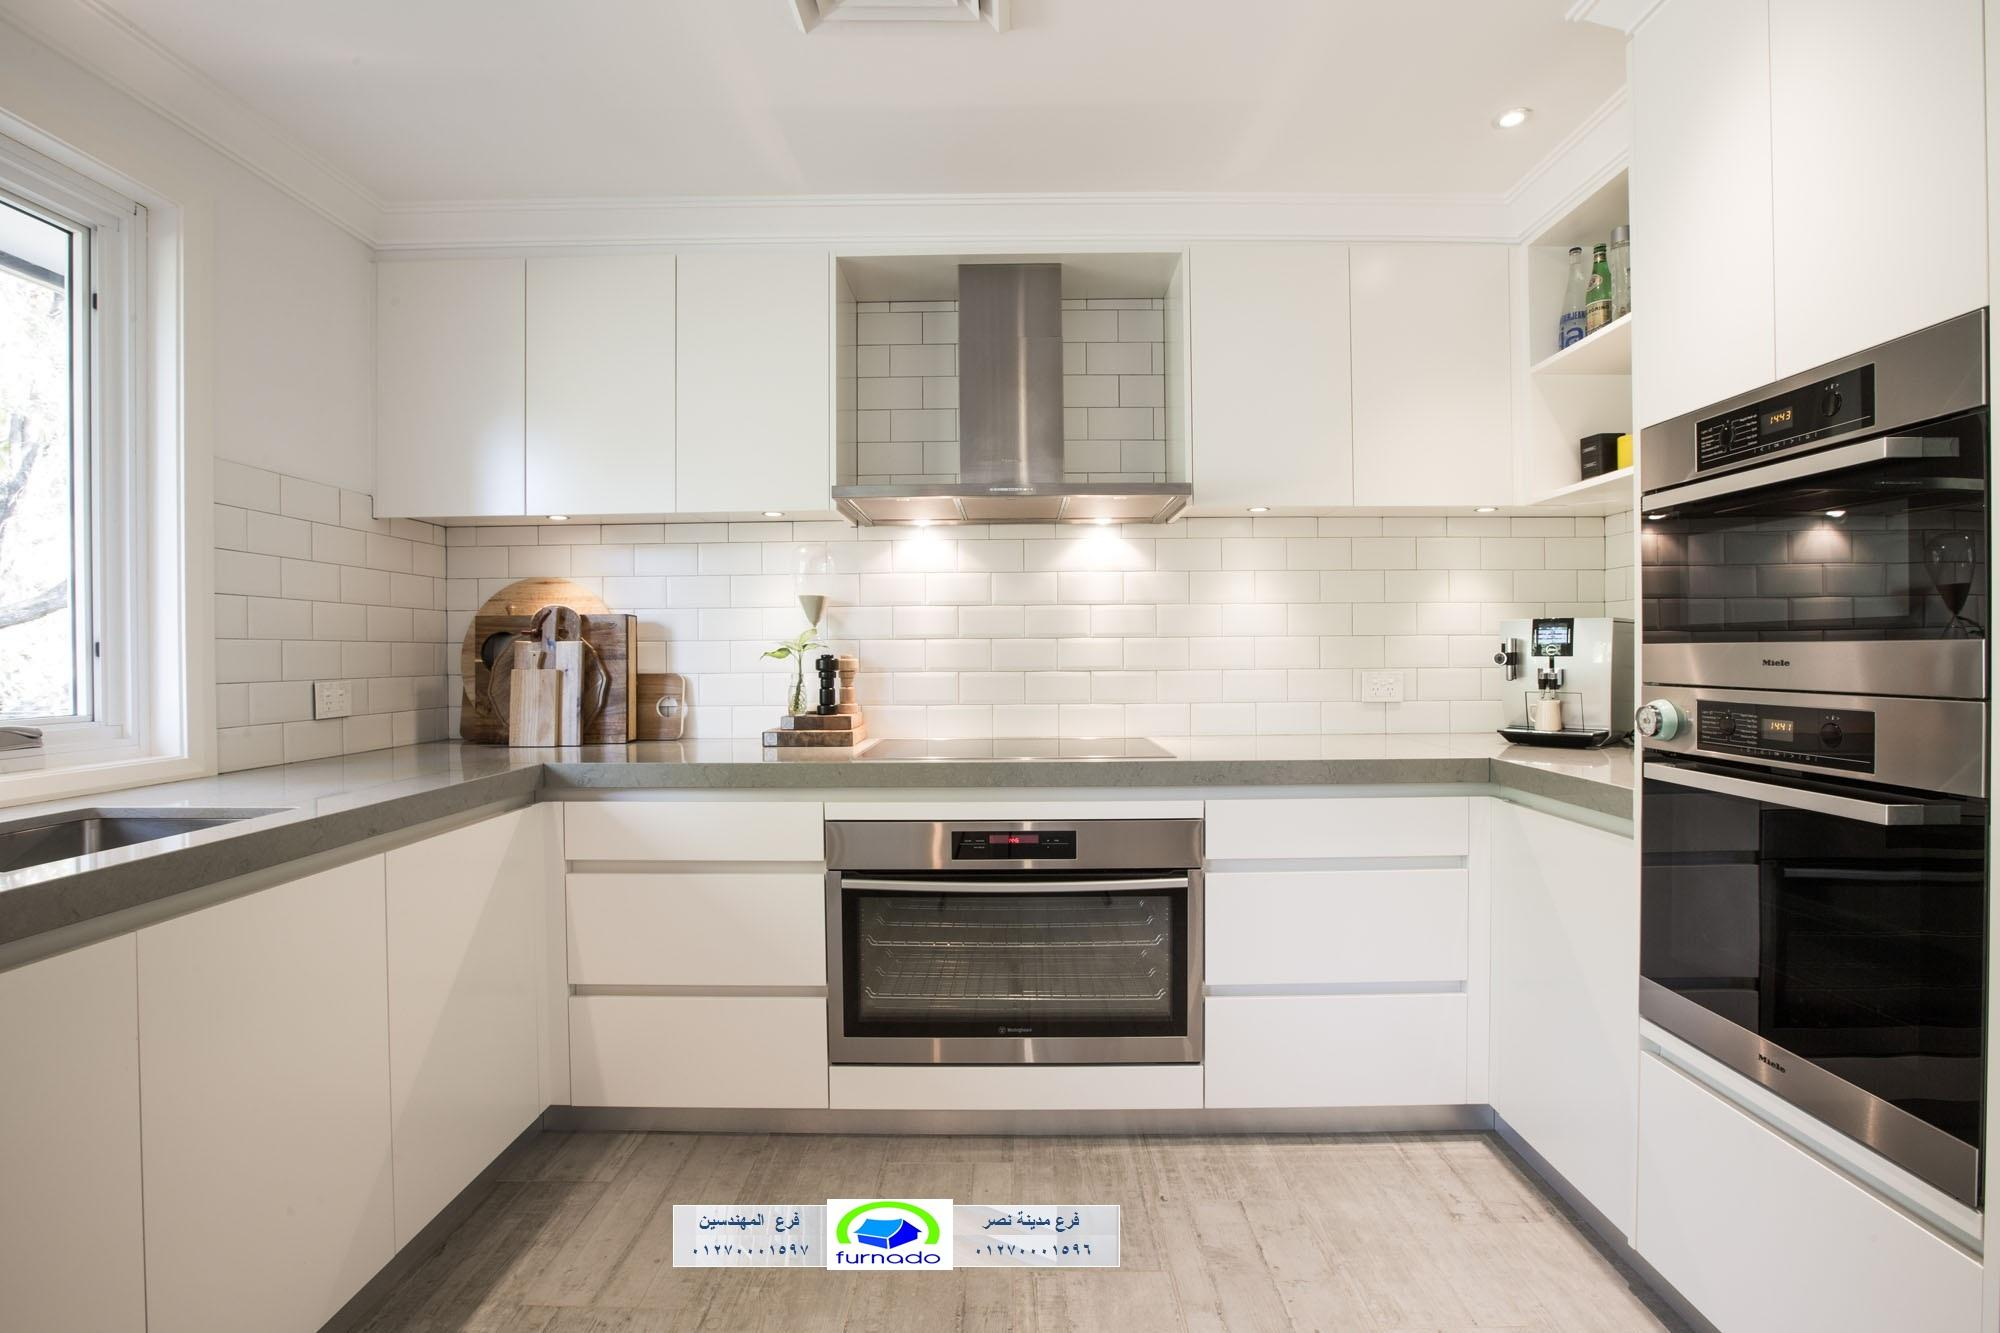 شركة مطابخ  اكريليك – افضل سعر مطبخ خشب    01270001596  879157417